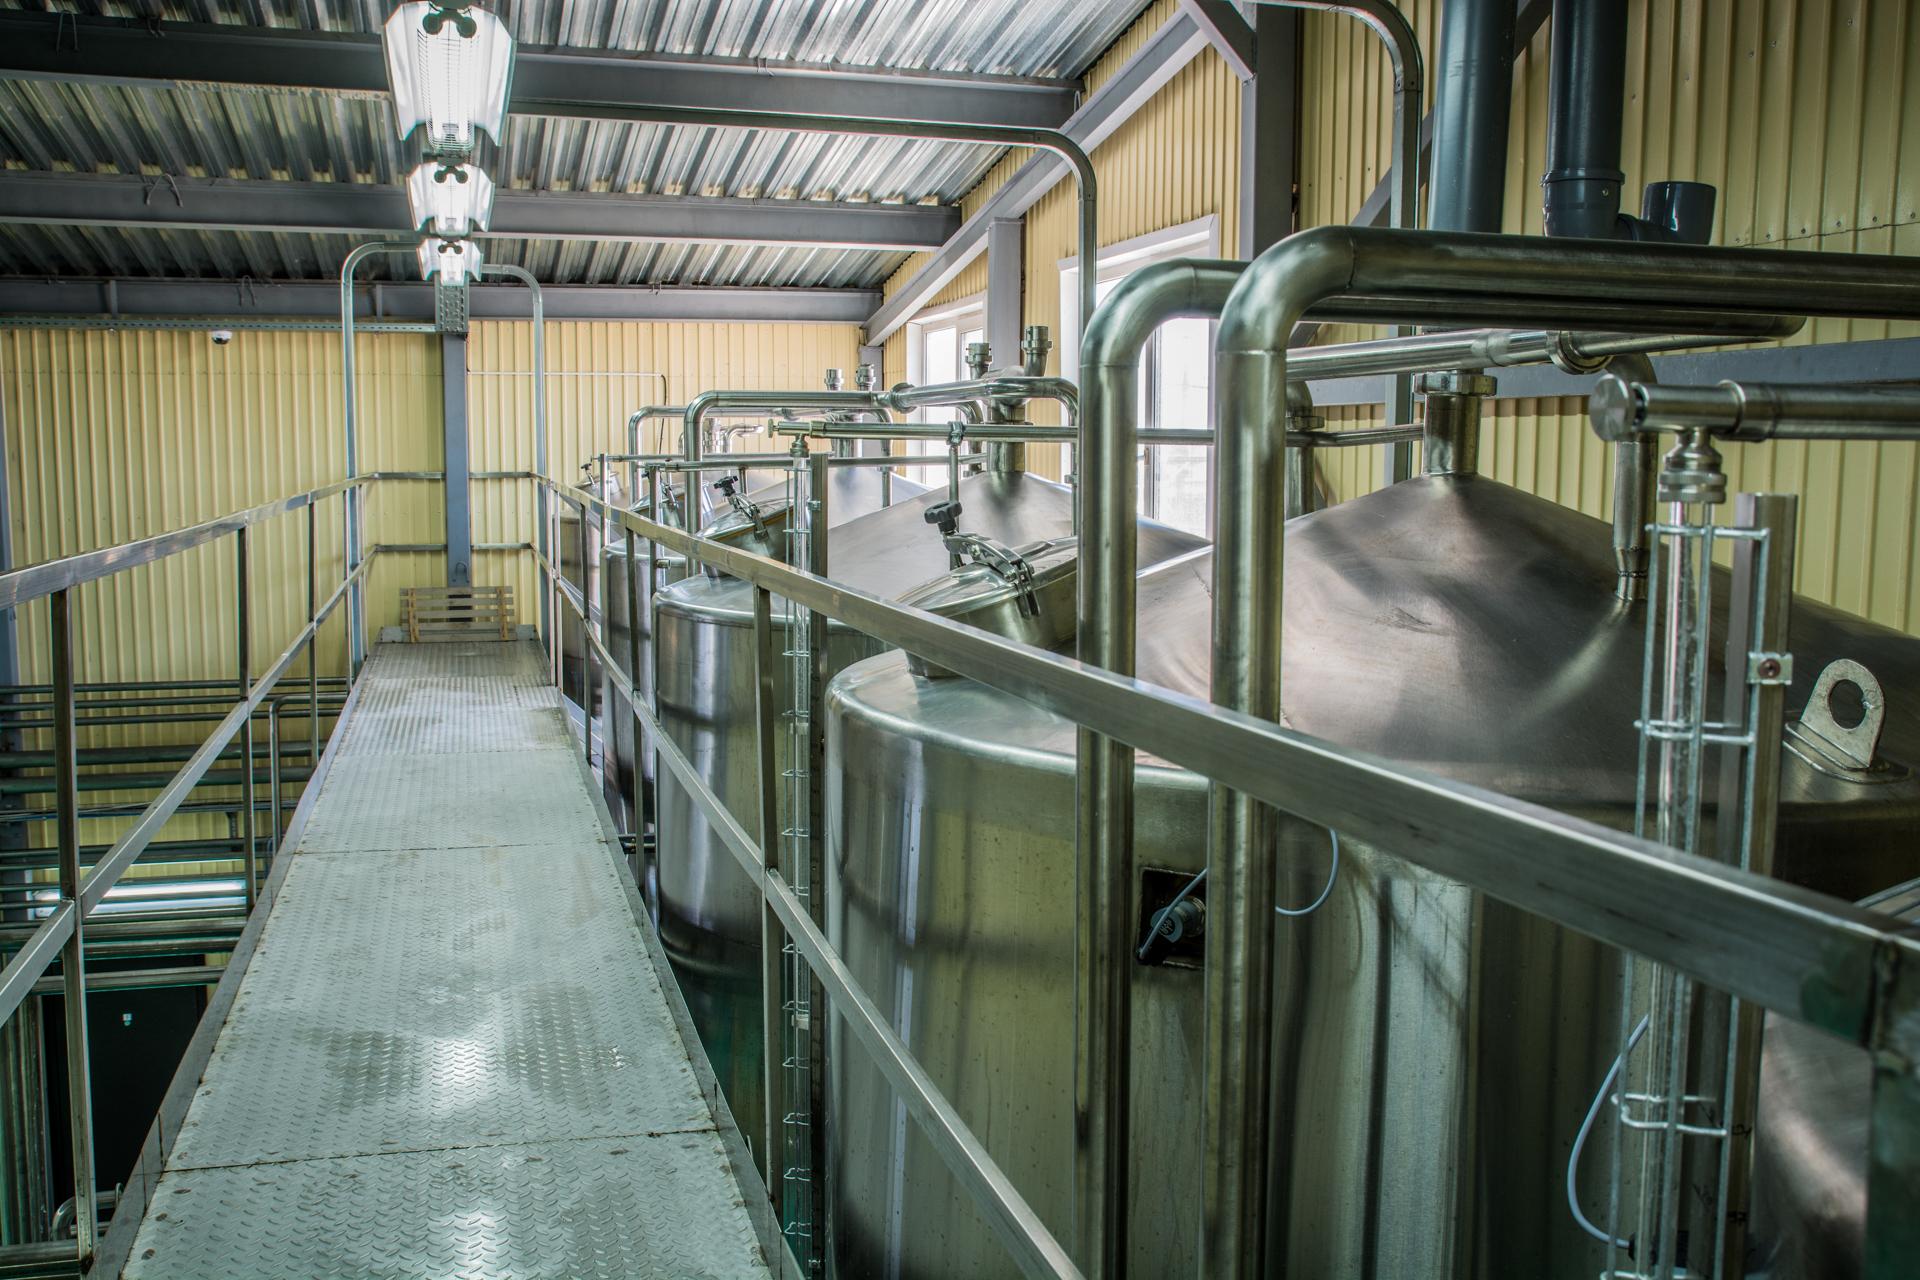 Розлив молочных продуктов в пленку Зонд-Пак — ООО Е4А